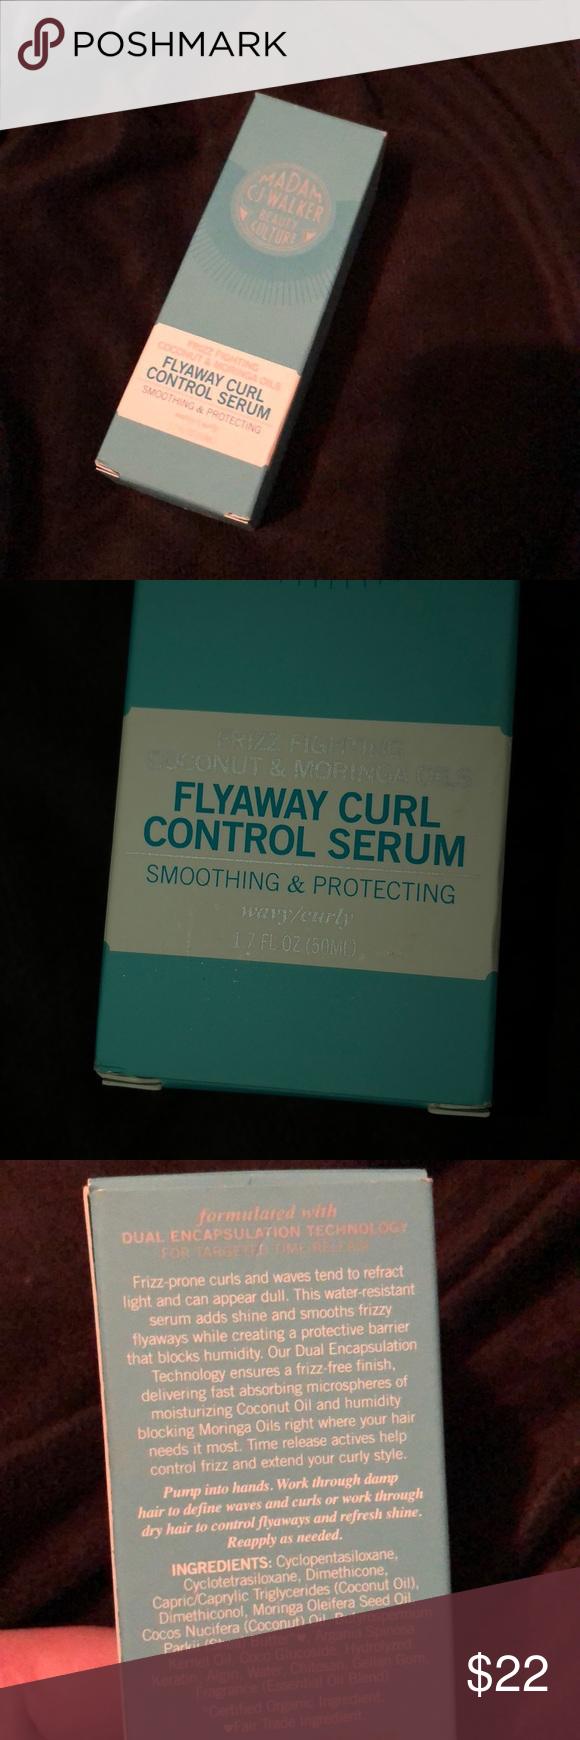 Madam CJ Walker beauty culture curl serum 1.7 oz NEW IN